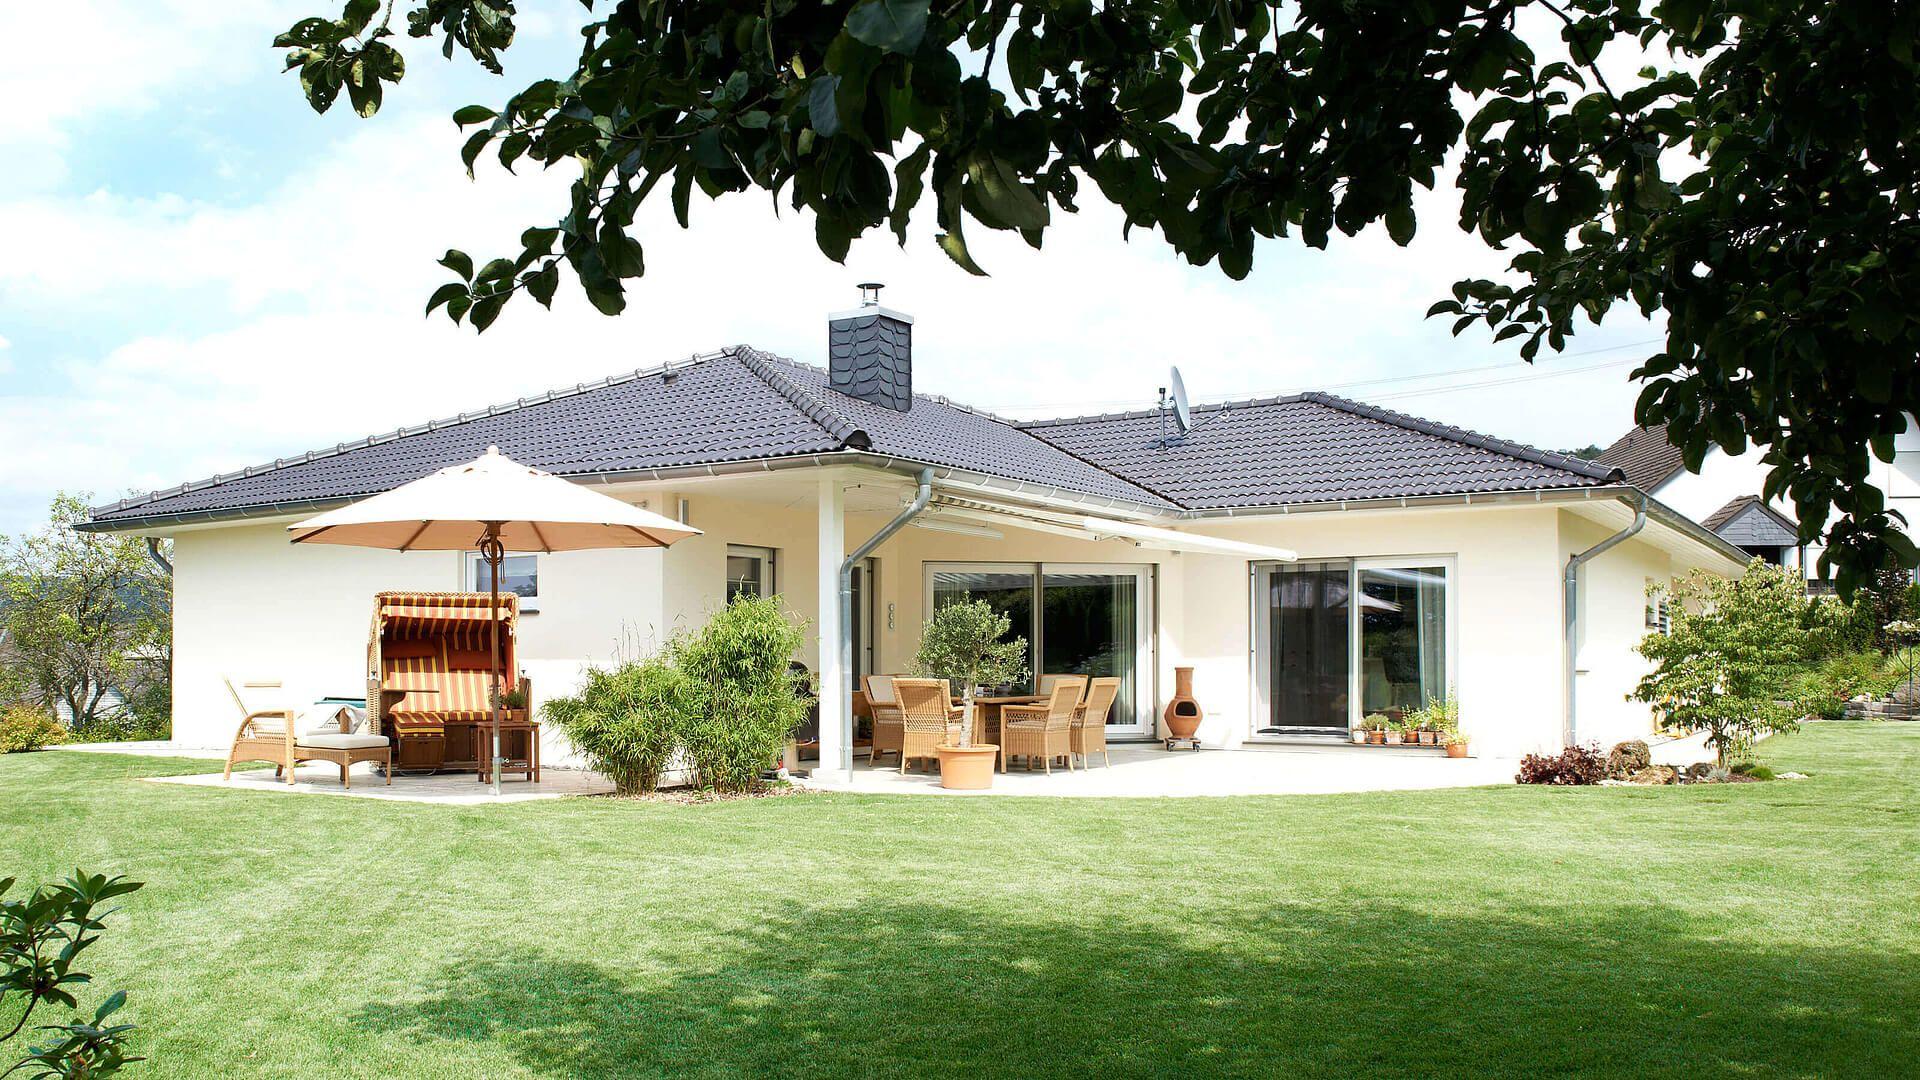 fingerhut bungalow einfamilienhaus hell verputzt schwarzes dach wei er dach berstand bodentiefe. Black Bedroom Furniture Sets. Home Design Ideas